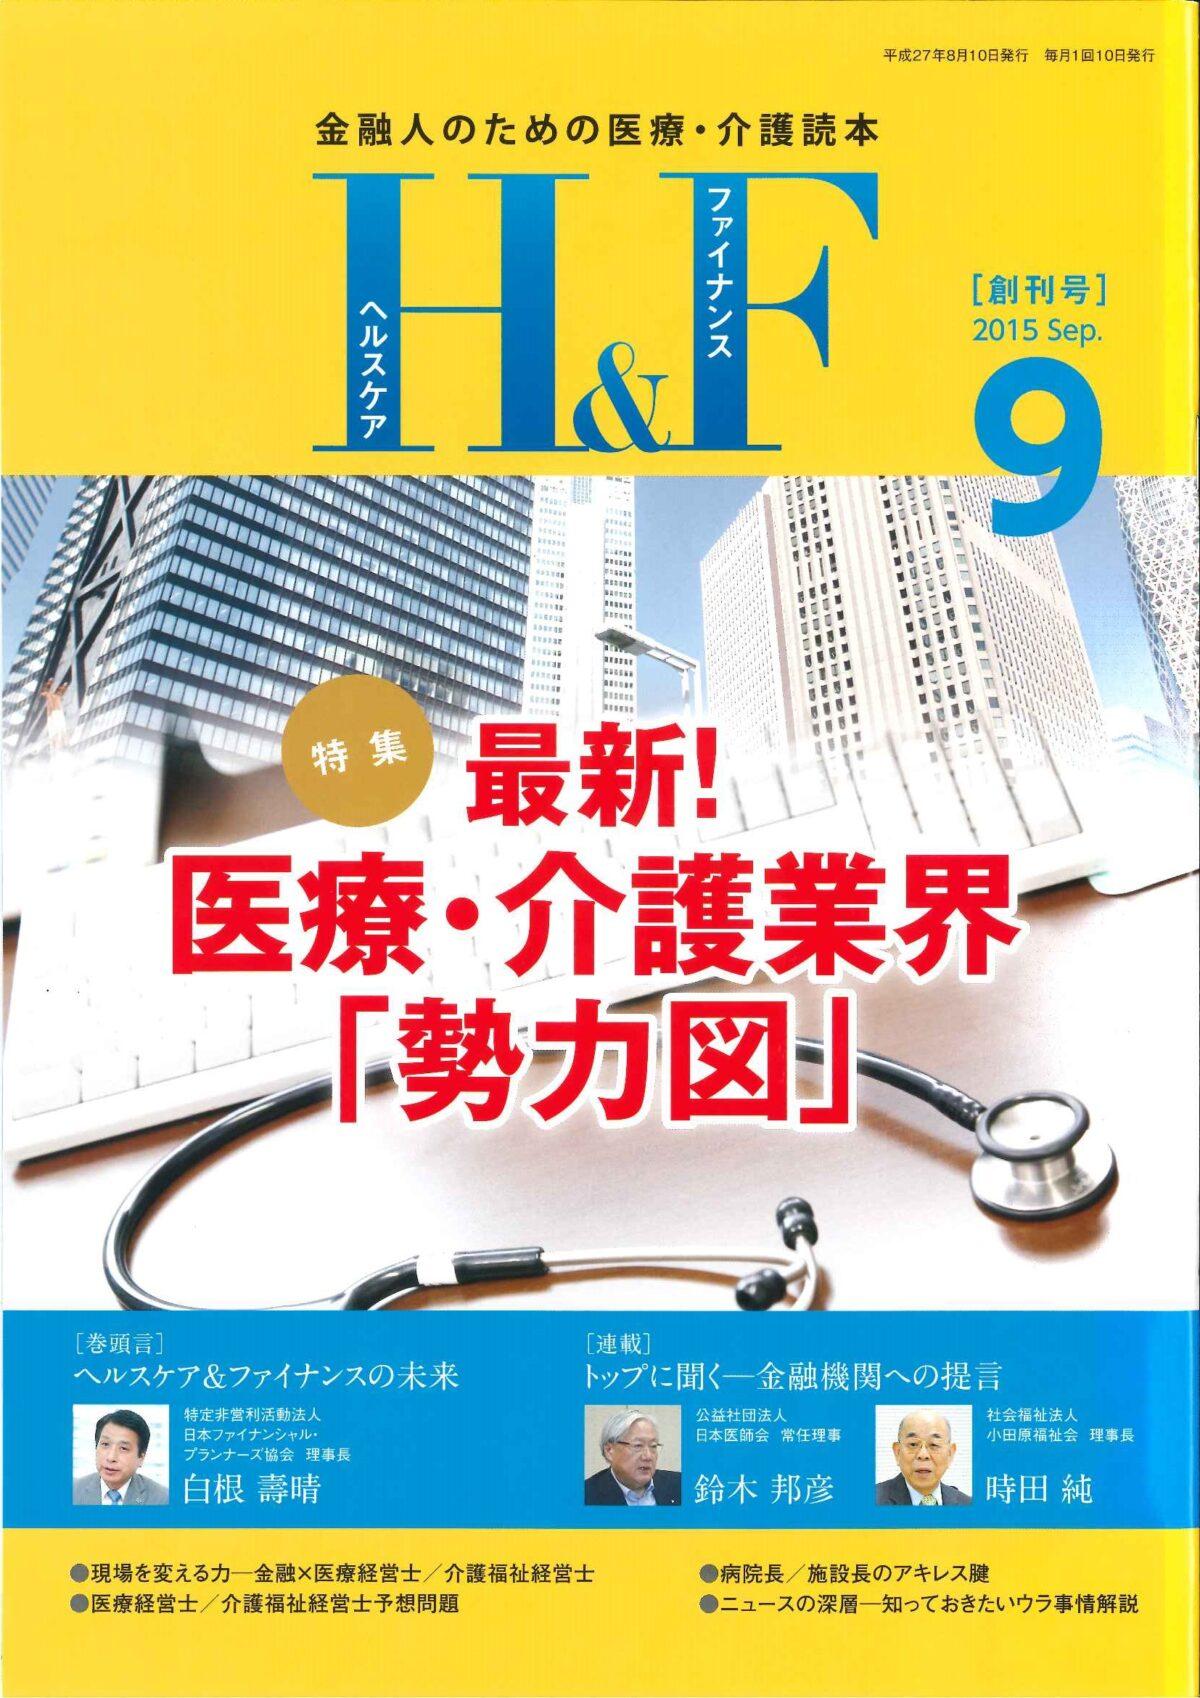 『ヘルスケア&ファイナンス』誌にインタビュー記事掲載